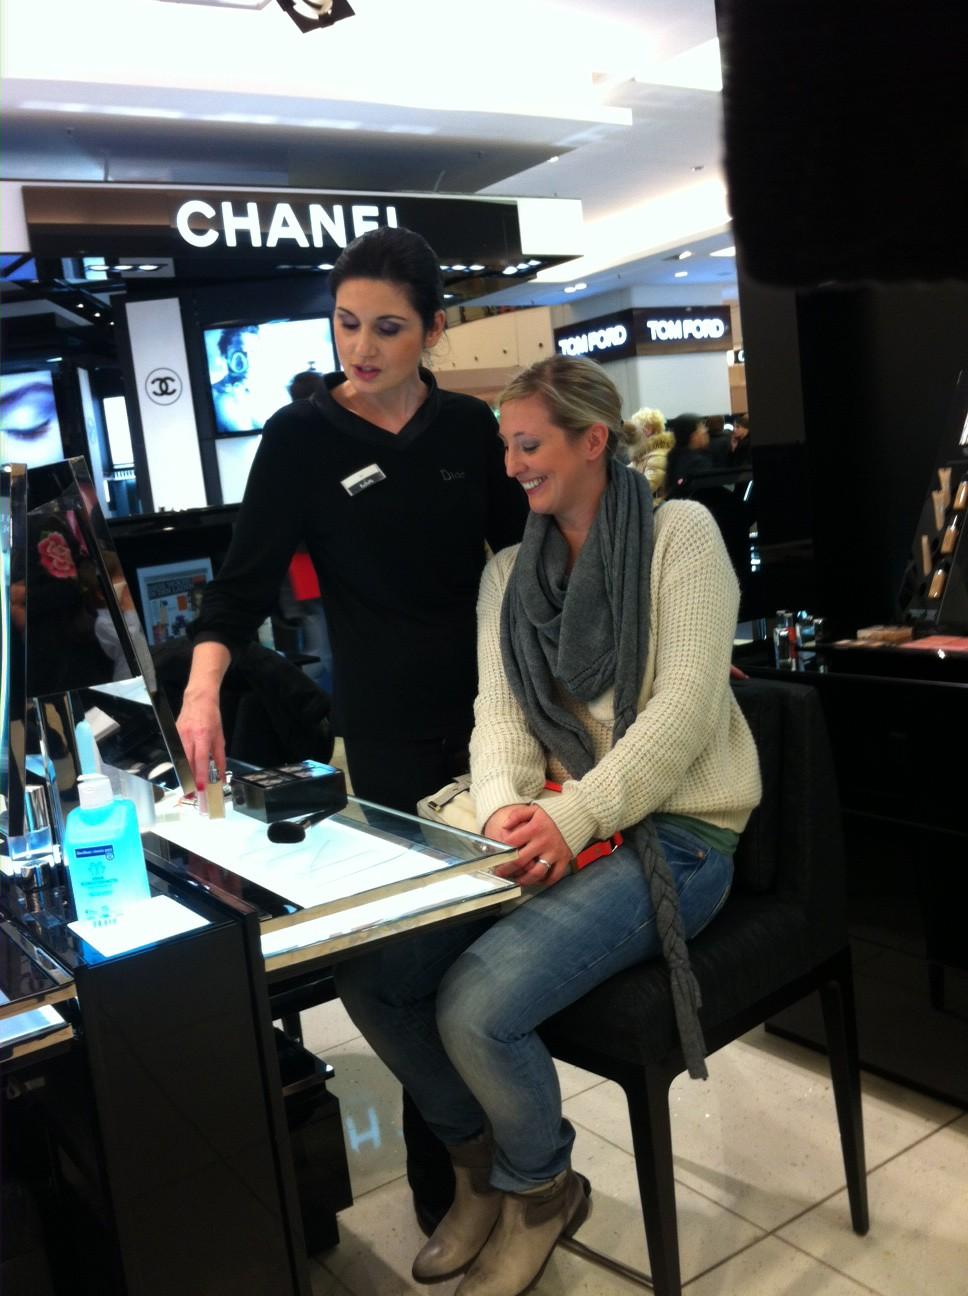 Die beste Make-Up Beratung gibt es von Frau Mlinarskij bei Dior im KaDeWe